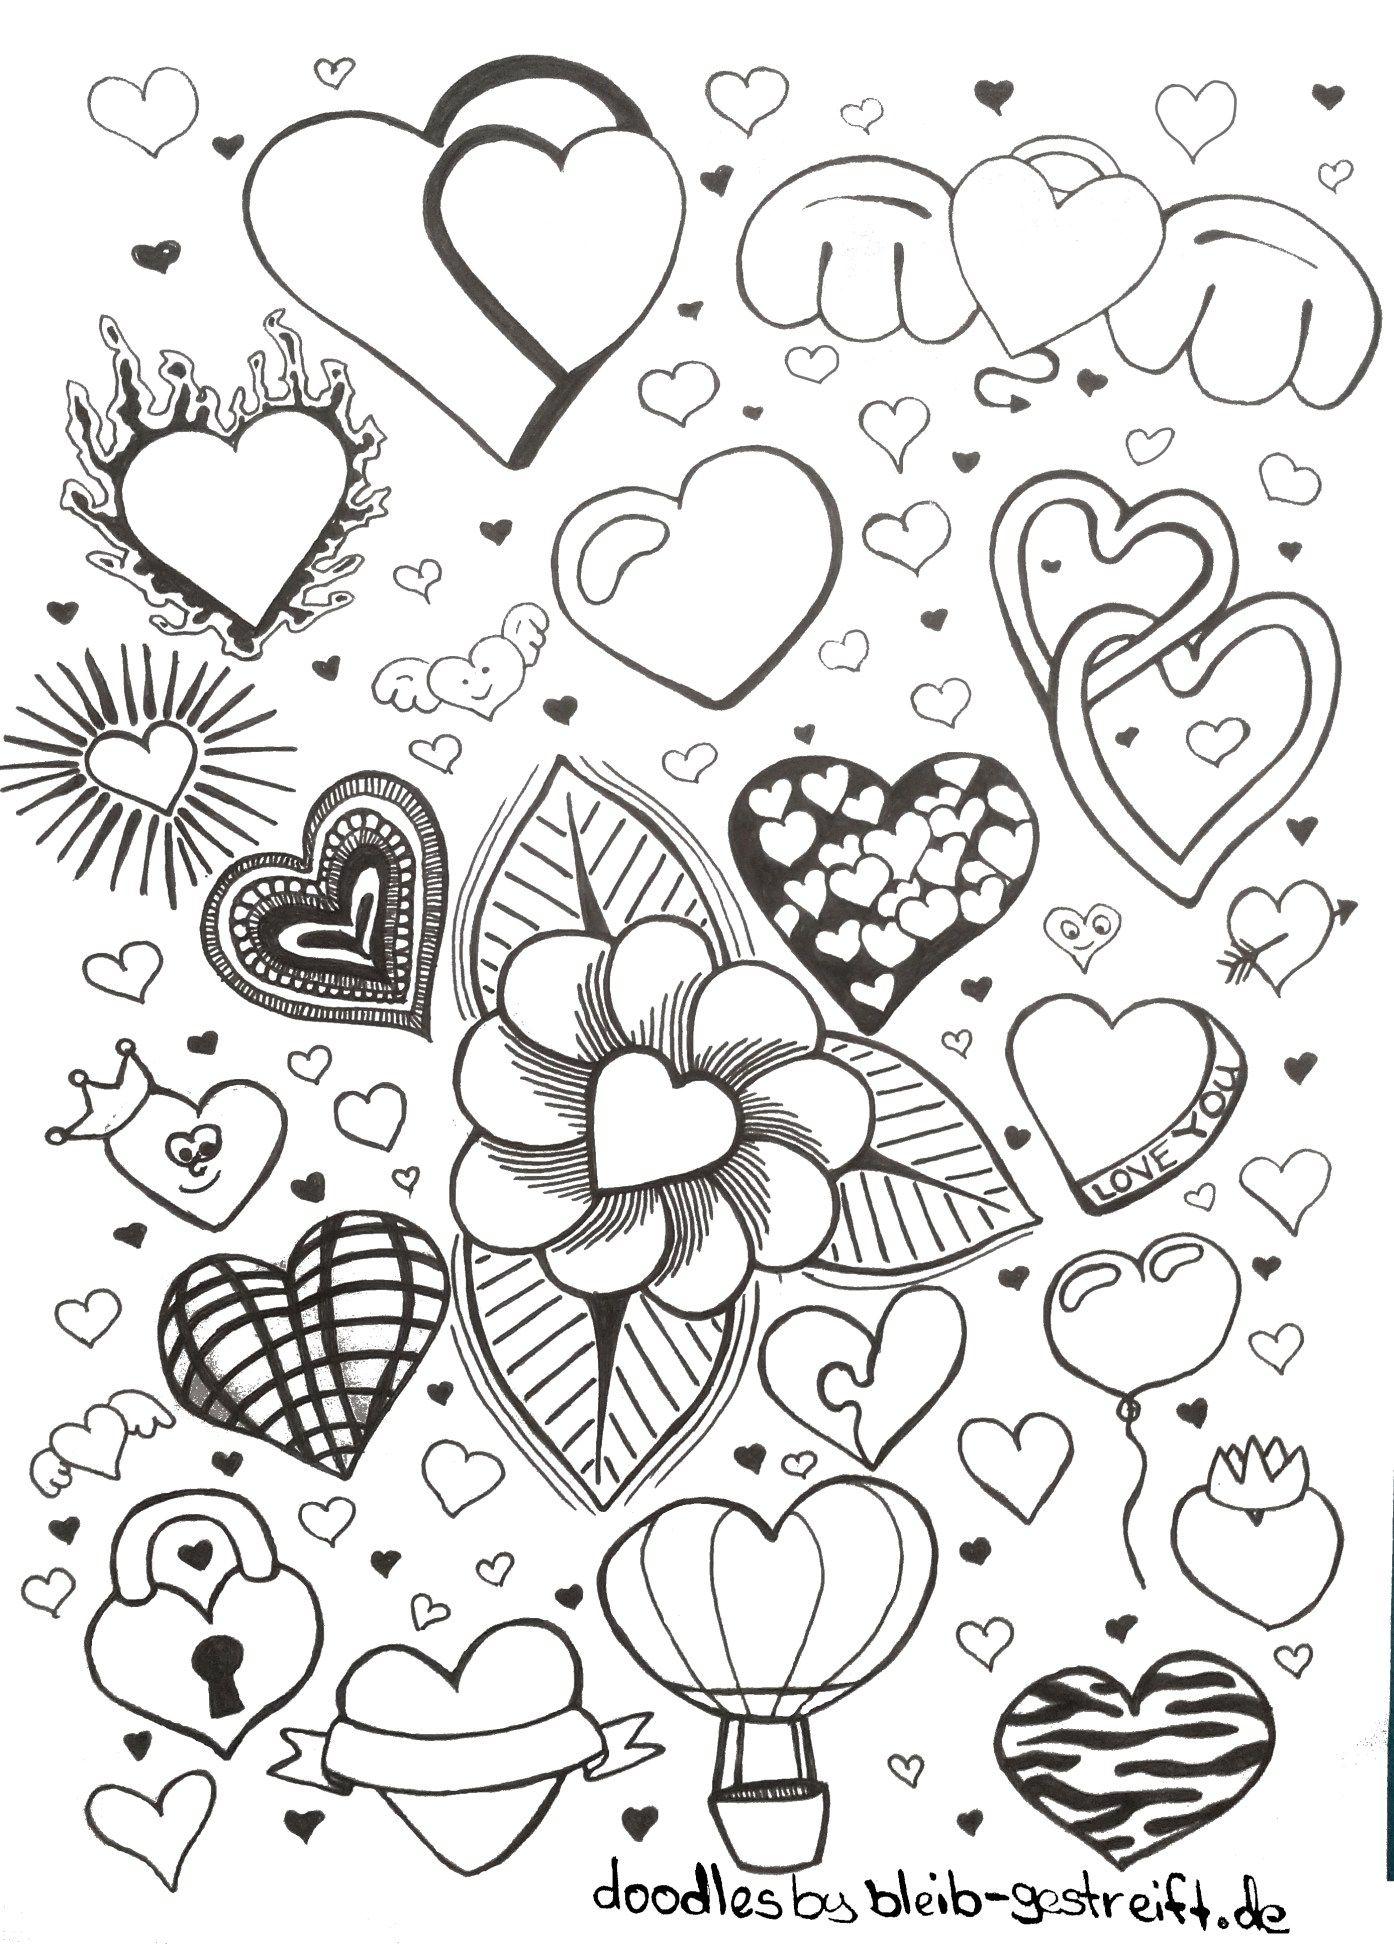 Bilder zeichnen herz Vorlagen Herz